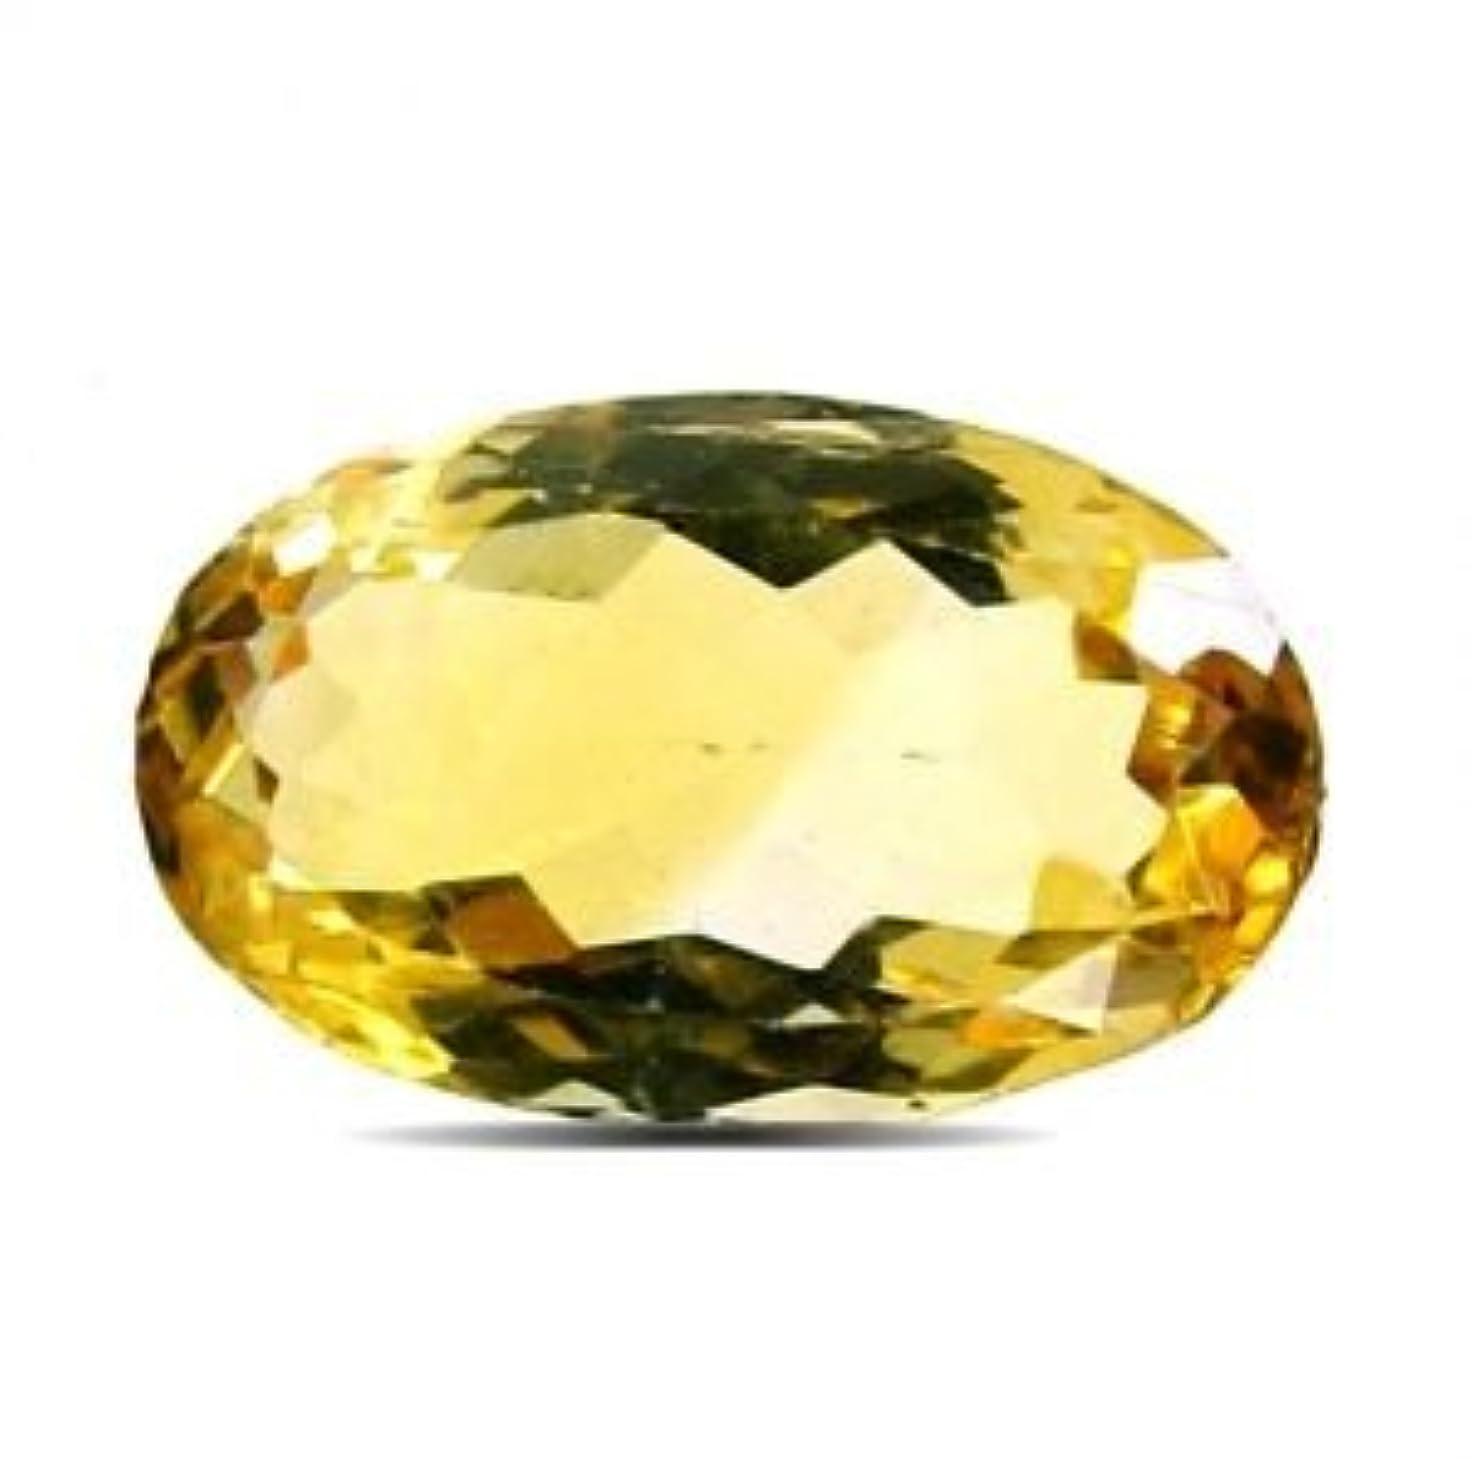 手つかずのスキームホールドオールシトリン原石Certified Natural sunelaストーン9.6カラットby gemselect